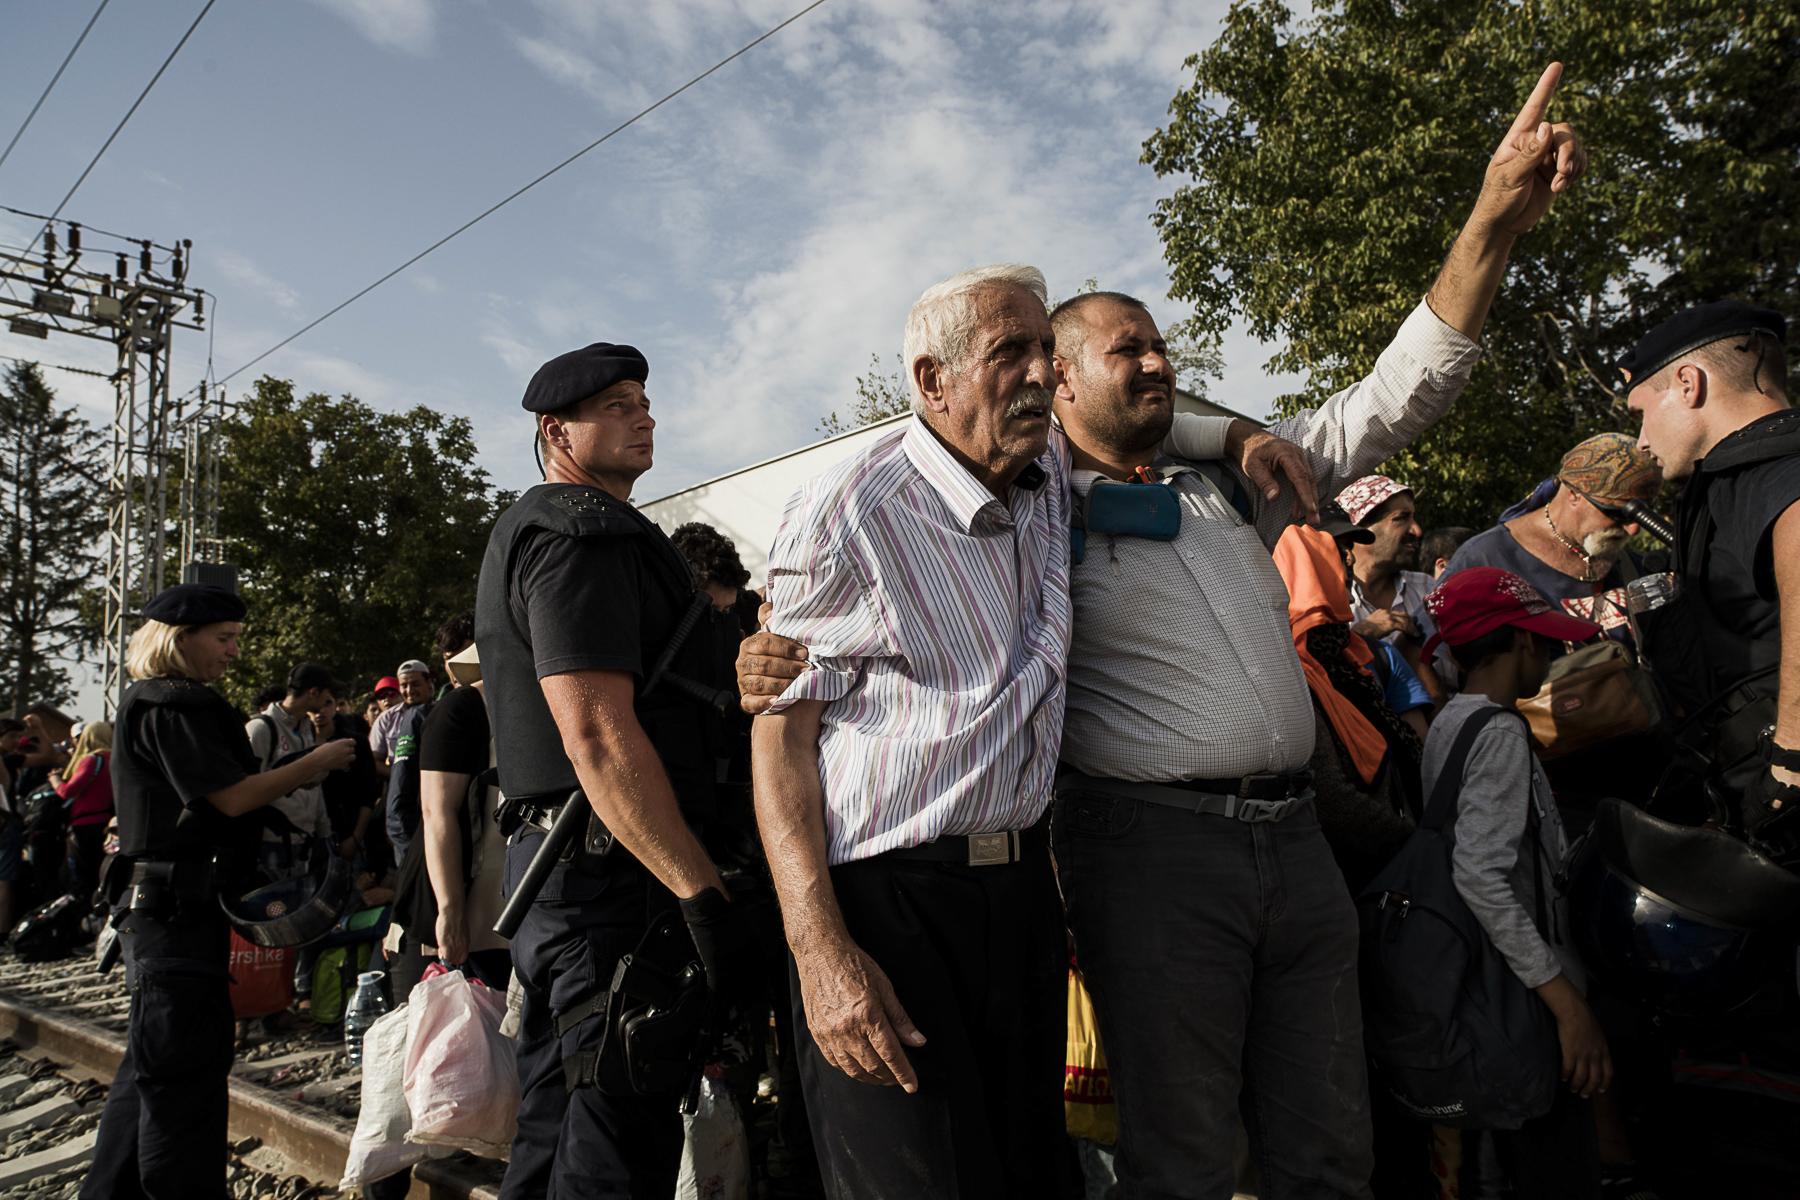 Dans le village de Tovarnic,à deux Km de la frontière Serbe les réfugiés arrivent à travers champs au rythme de 350 par heures. Le gouvernement Croate essaye d\'organiser leur tranfers vers le nord et la frontière hongroise soit par bus soit par train. L\'attente sous le soleil ou sous la plus est terriblement éprouvant pour ces réfugiés souvent accompagnés d\'enfants. Les trains sont pris d\'assault et la police Hongroise complétement débordée.